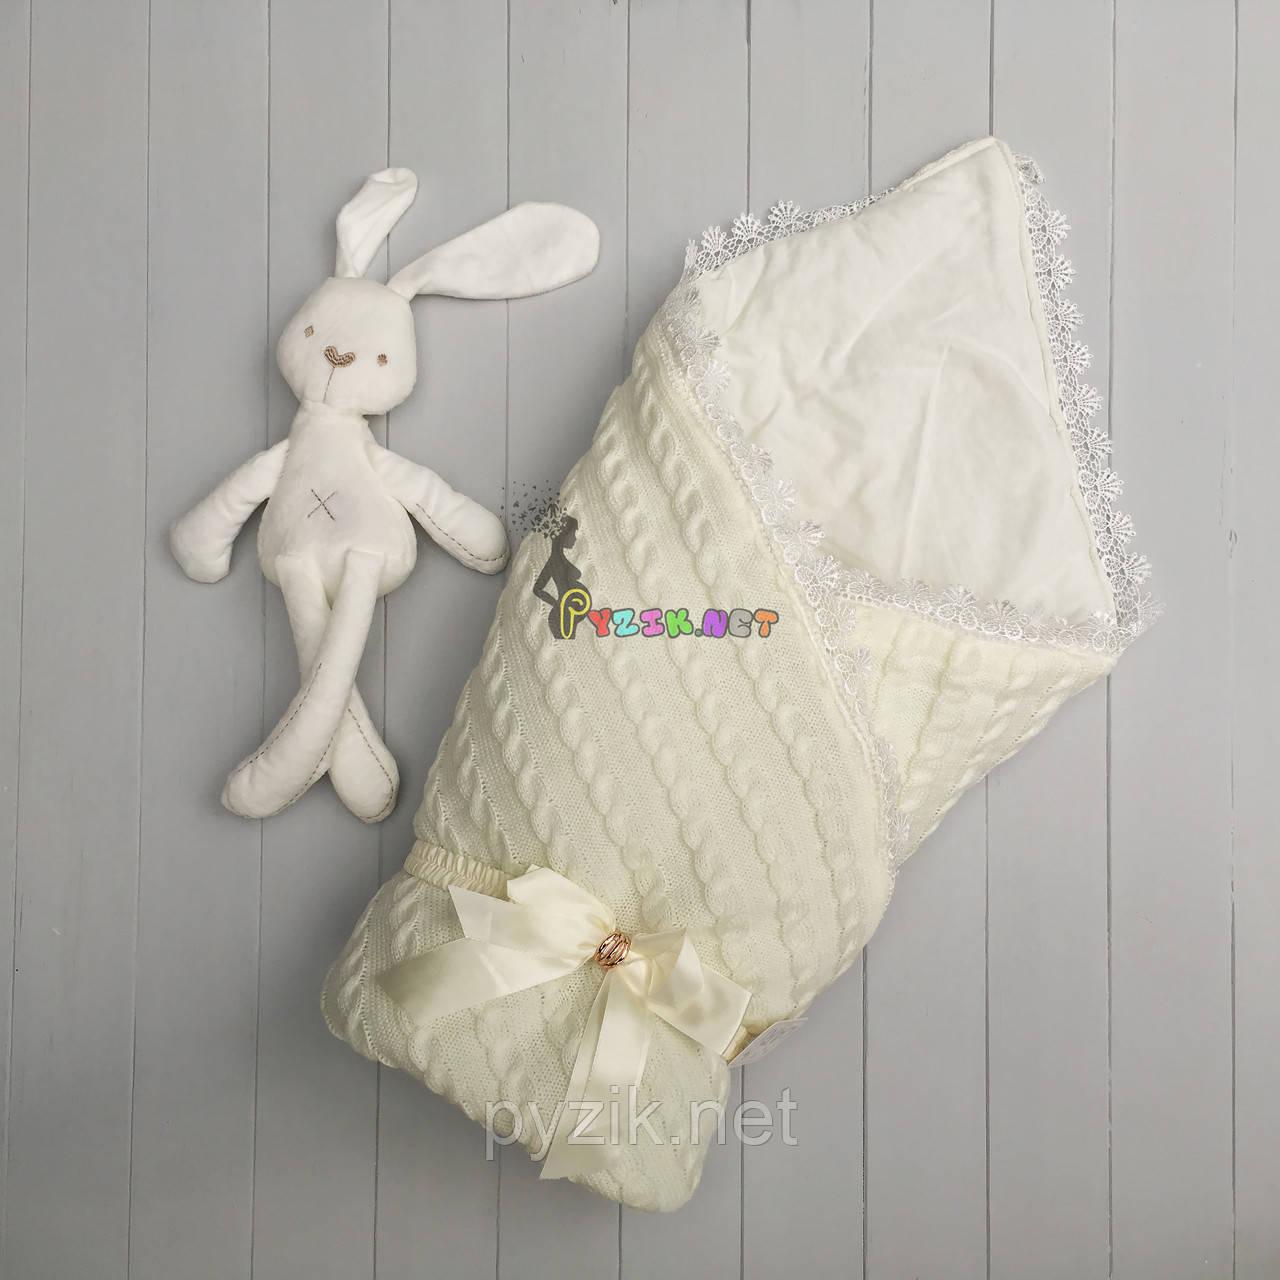 Конверт для новорожденных Lari на выписку и в коляску молочный вязка на синтепоне